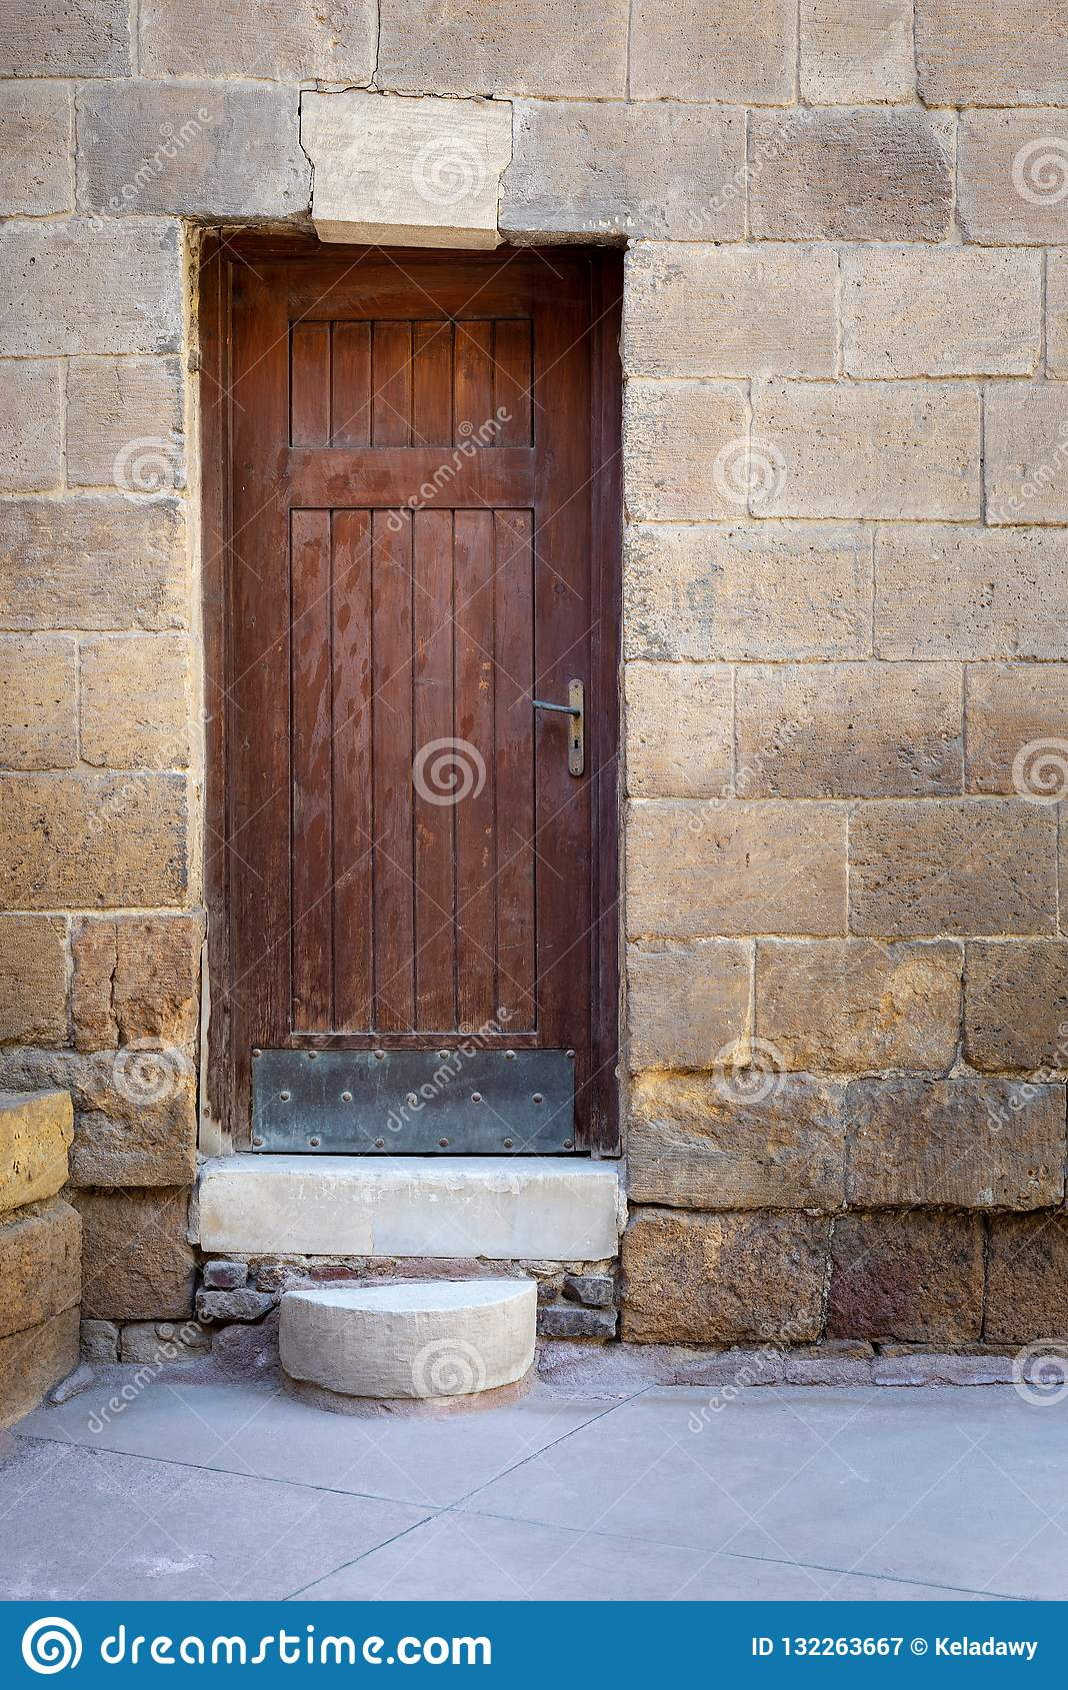 Alte Holztür gestaltet durch Ziegelsteinsteinwand, Darb-Al Ahmar-Bezirk, altes Kairo, Ägypten